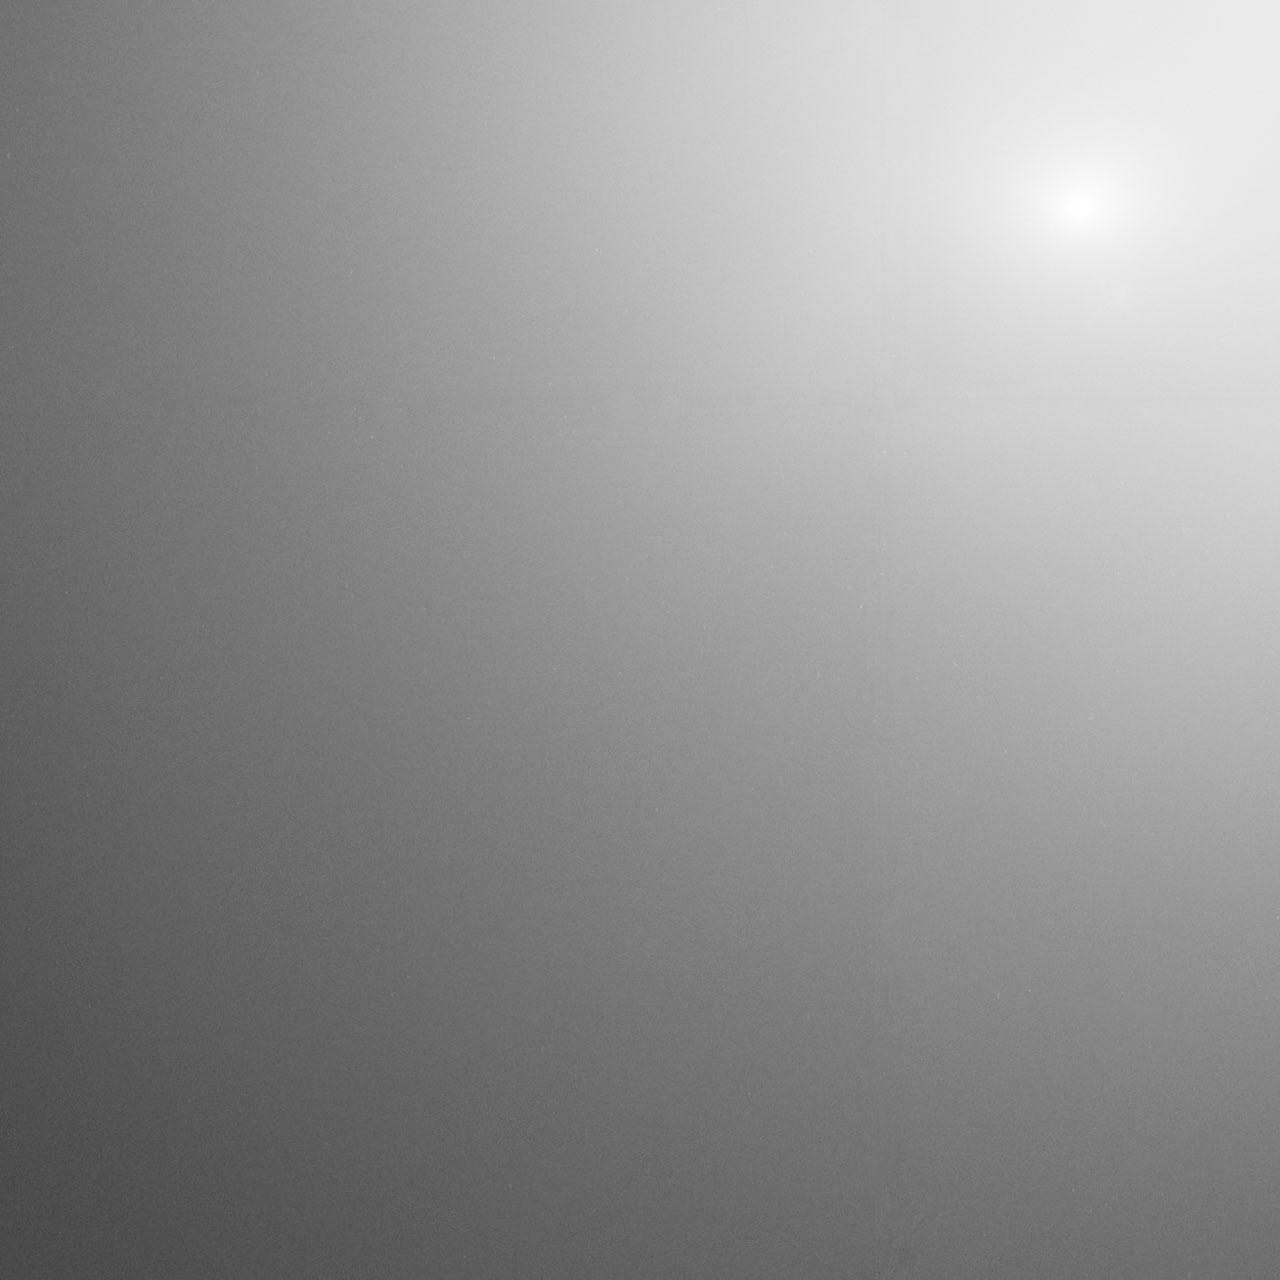 Comet 17P/Holmes Hubble image 1